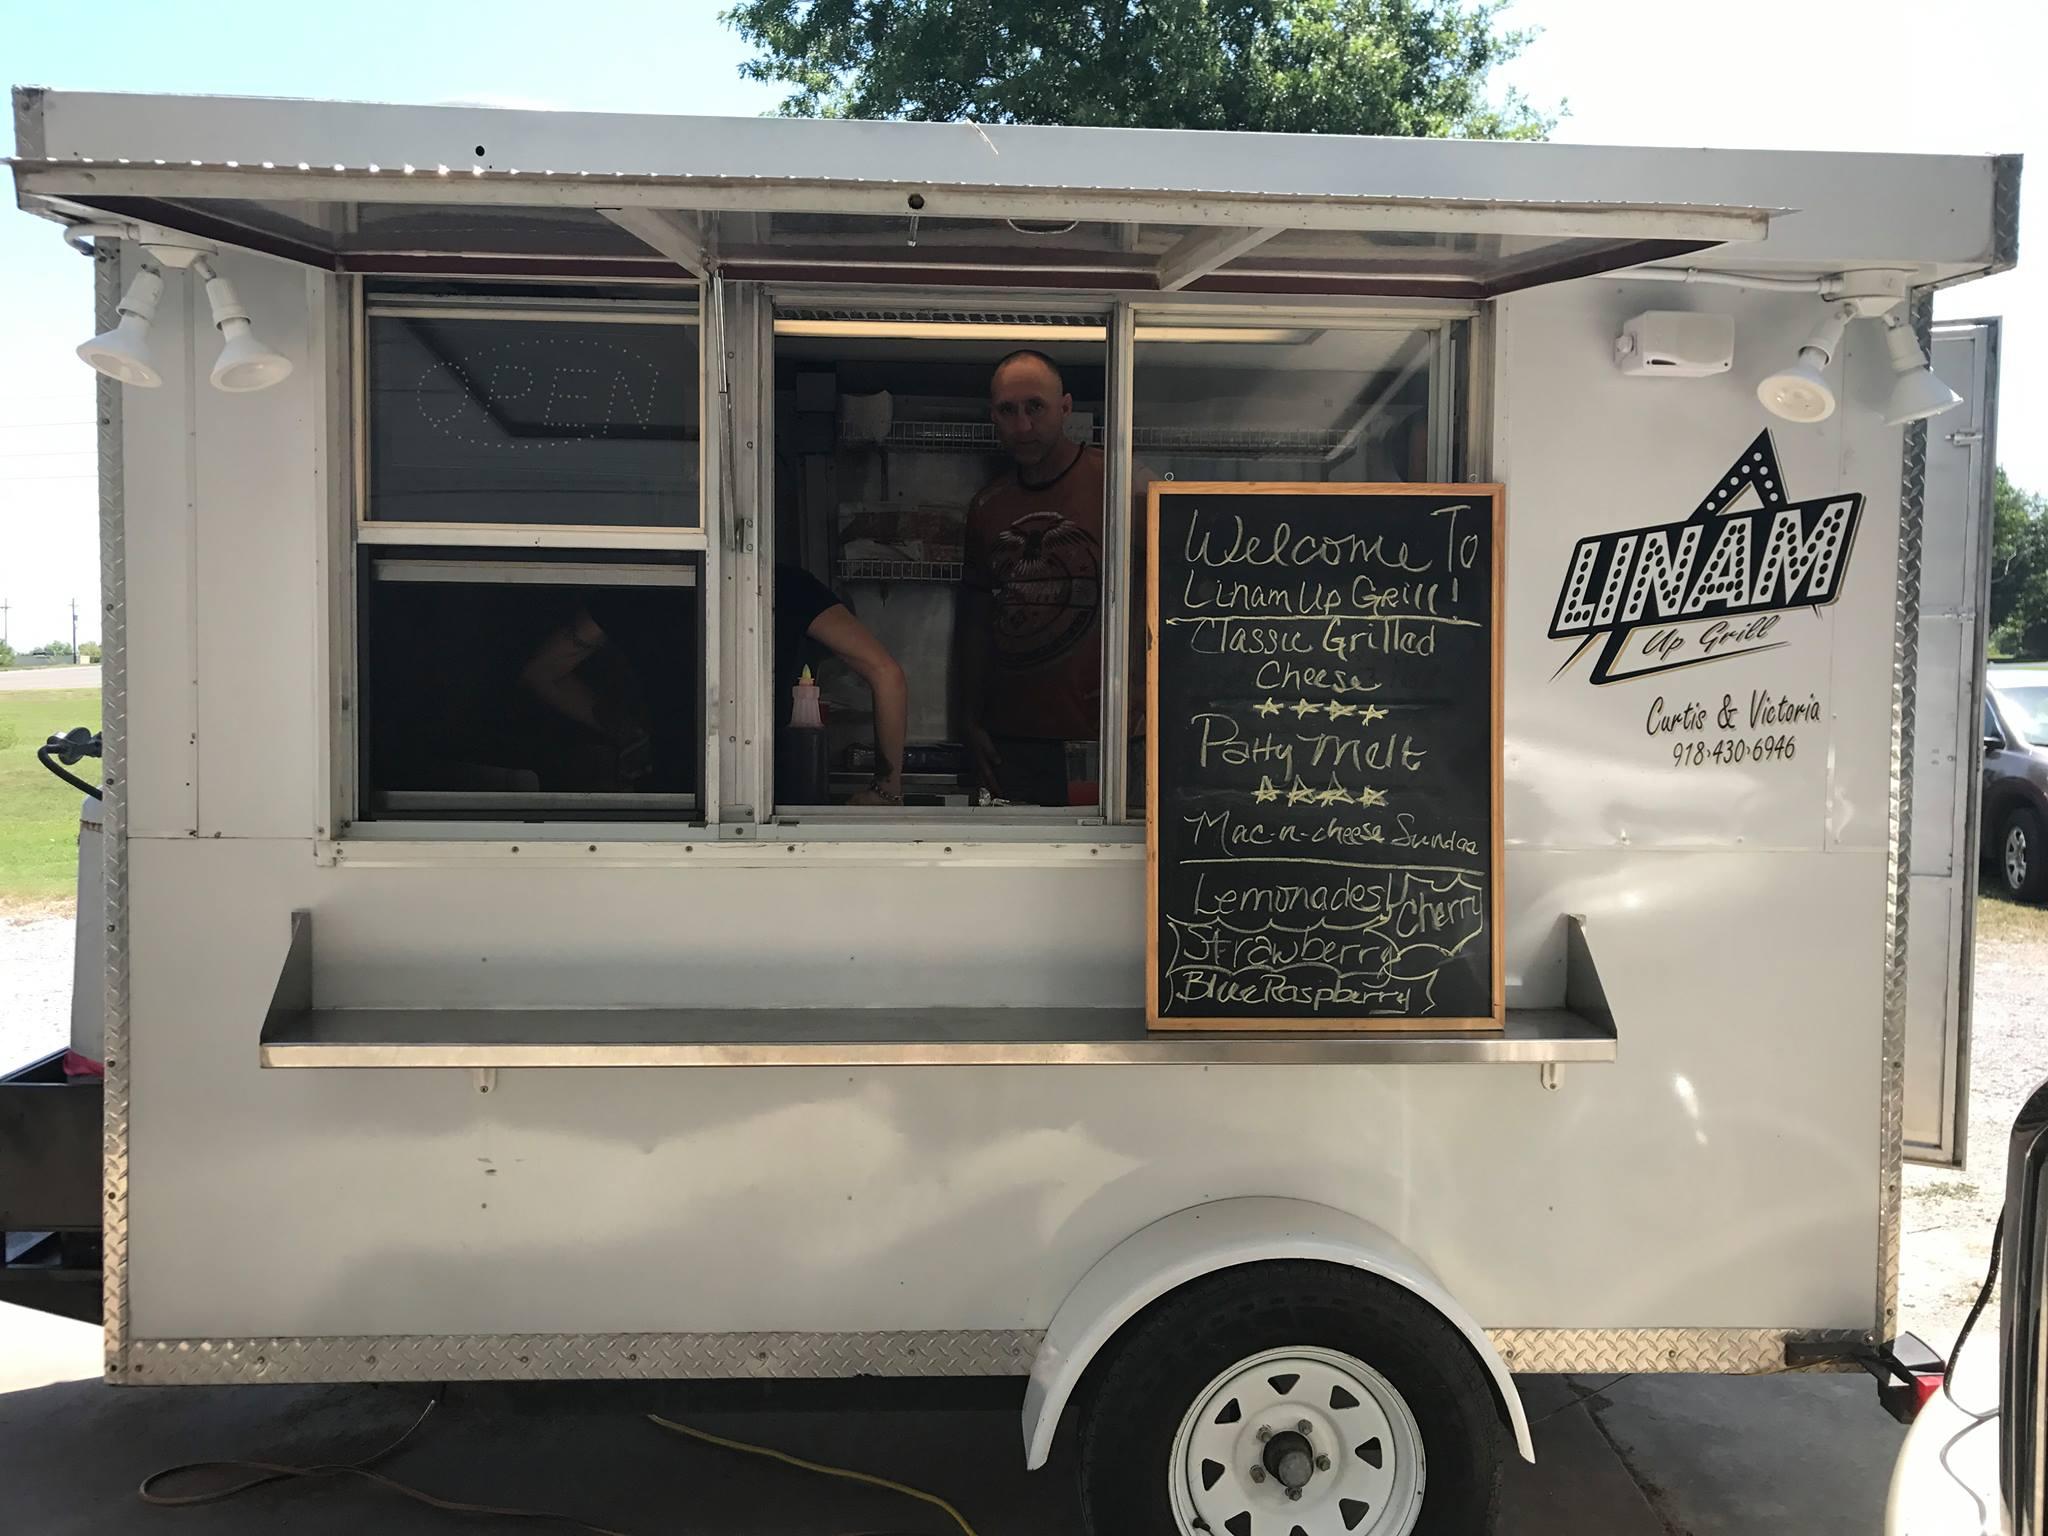 Linam Up Grill Tulsa Food Trucks